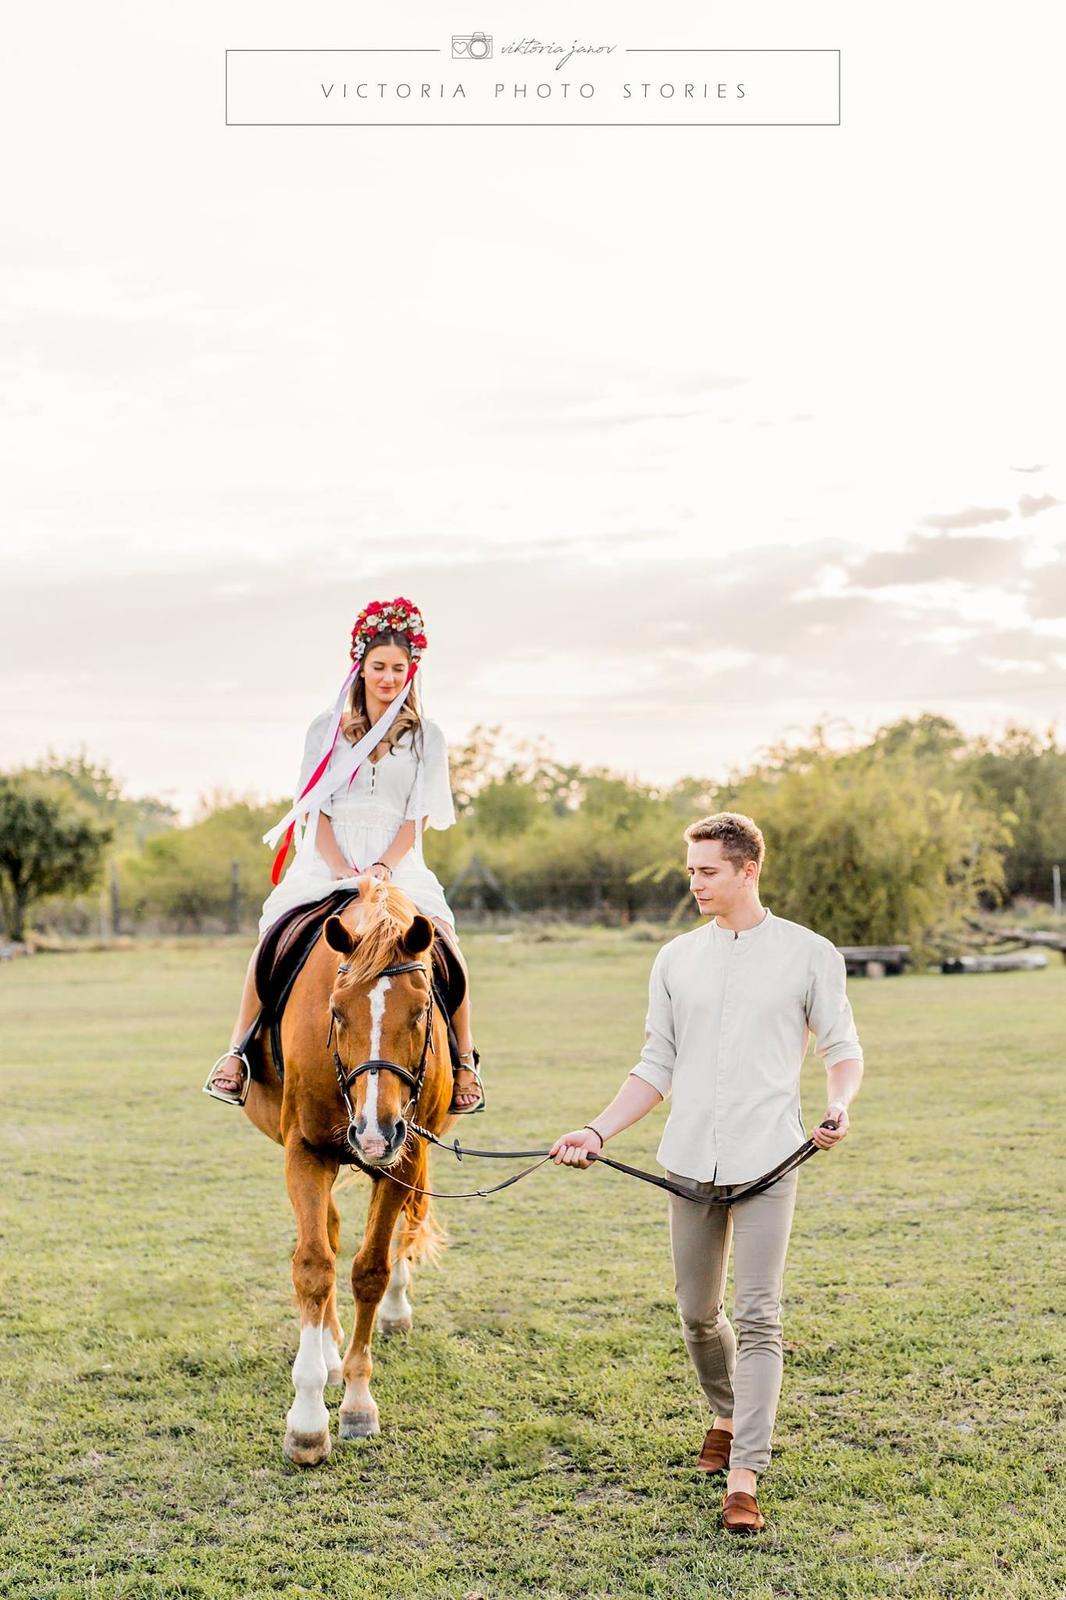 Predsvadobné fotenie s koníkmi  :) - Obrázok č. 10